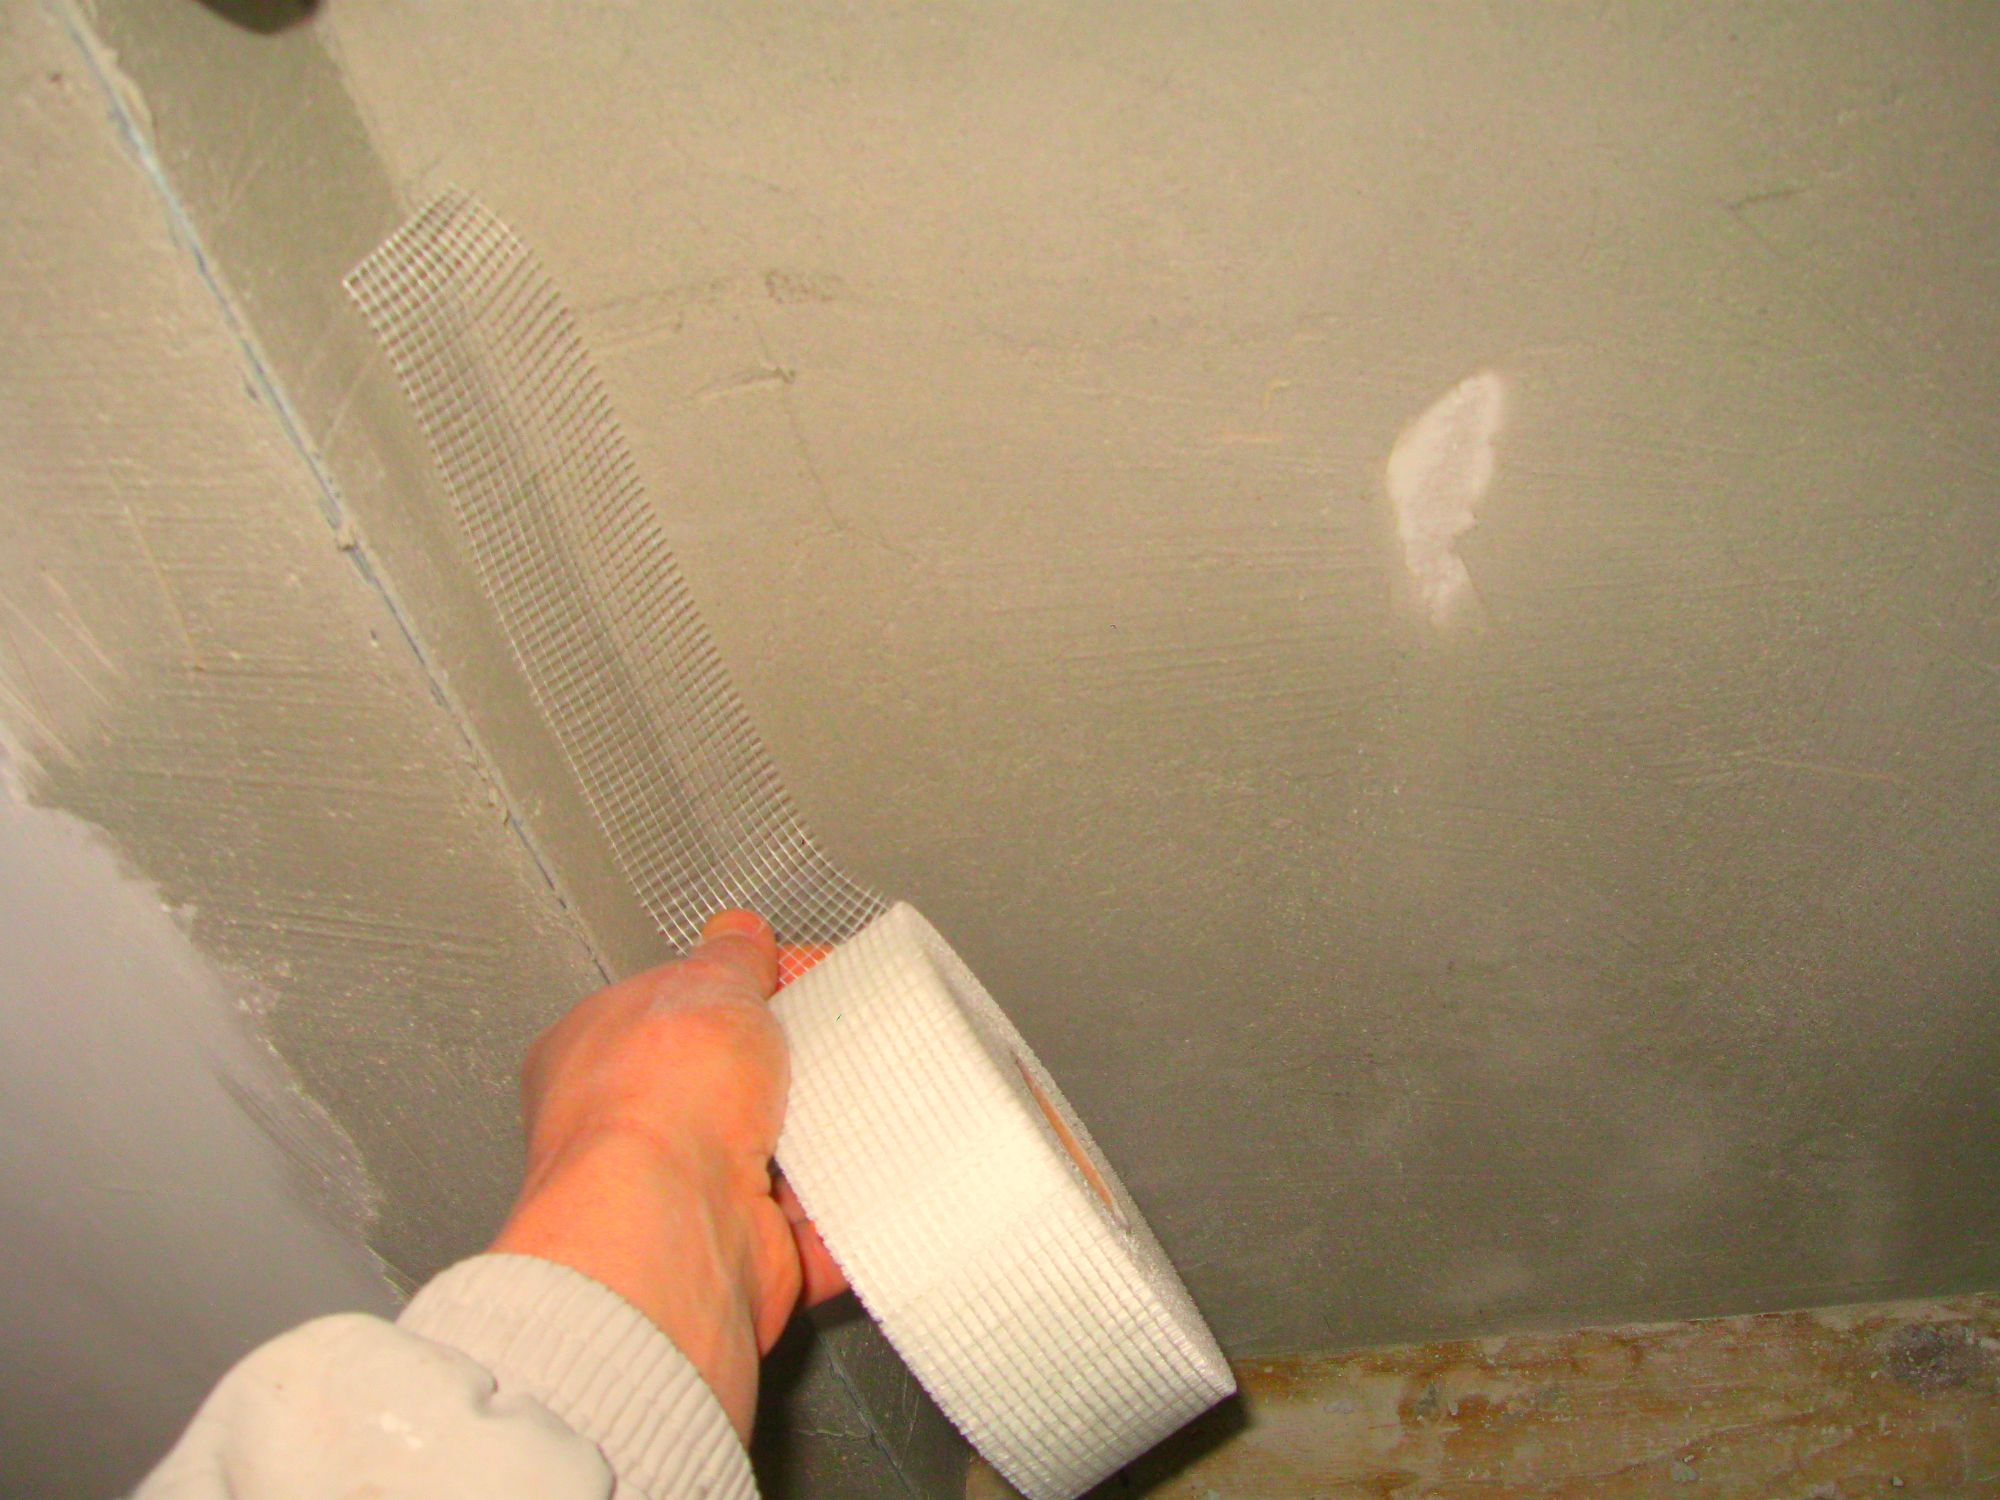 Технология подготовки поверхности потолка. все необходимые работы в помещении